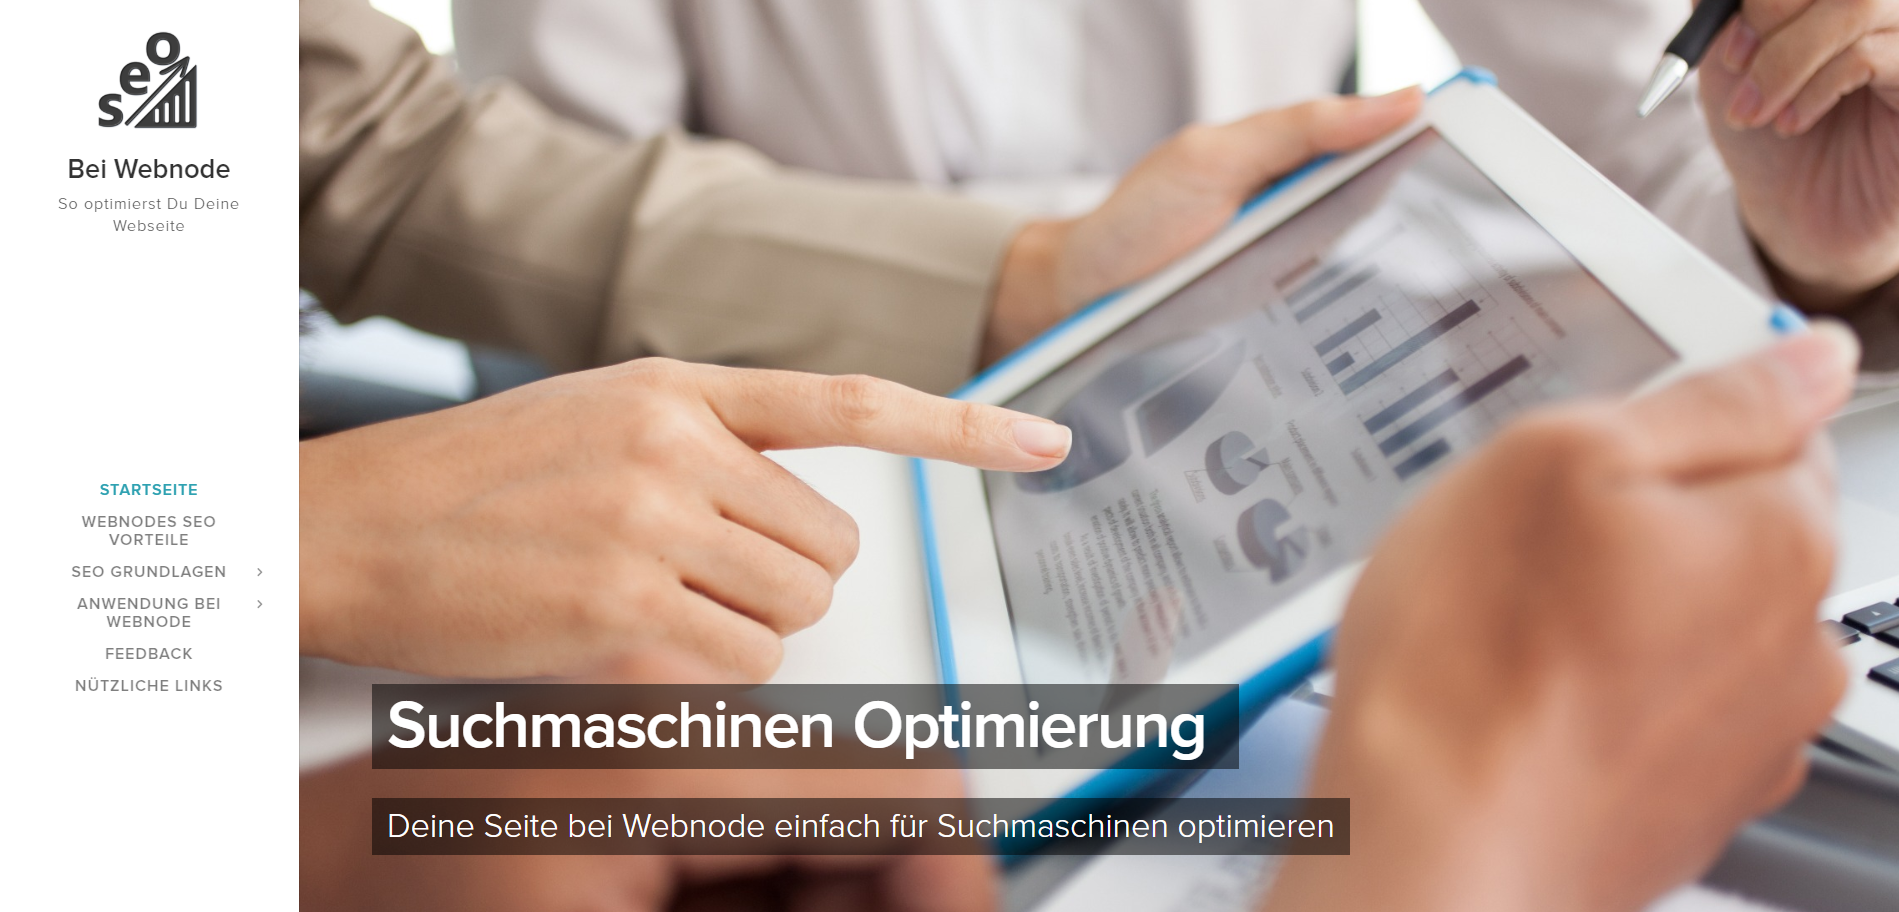 Anleitung zur SEO bei Webnode